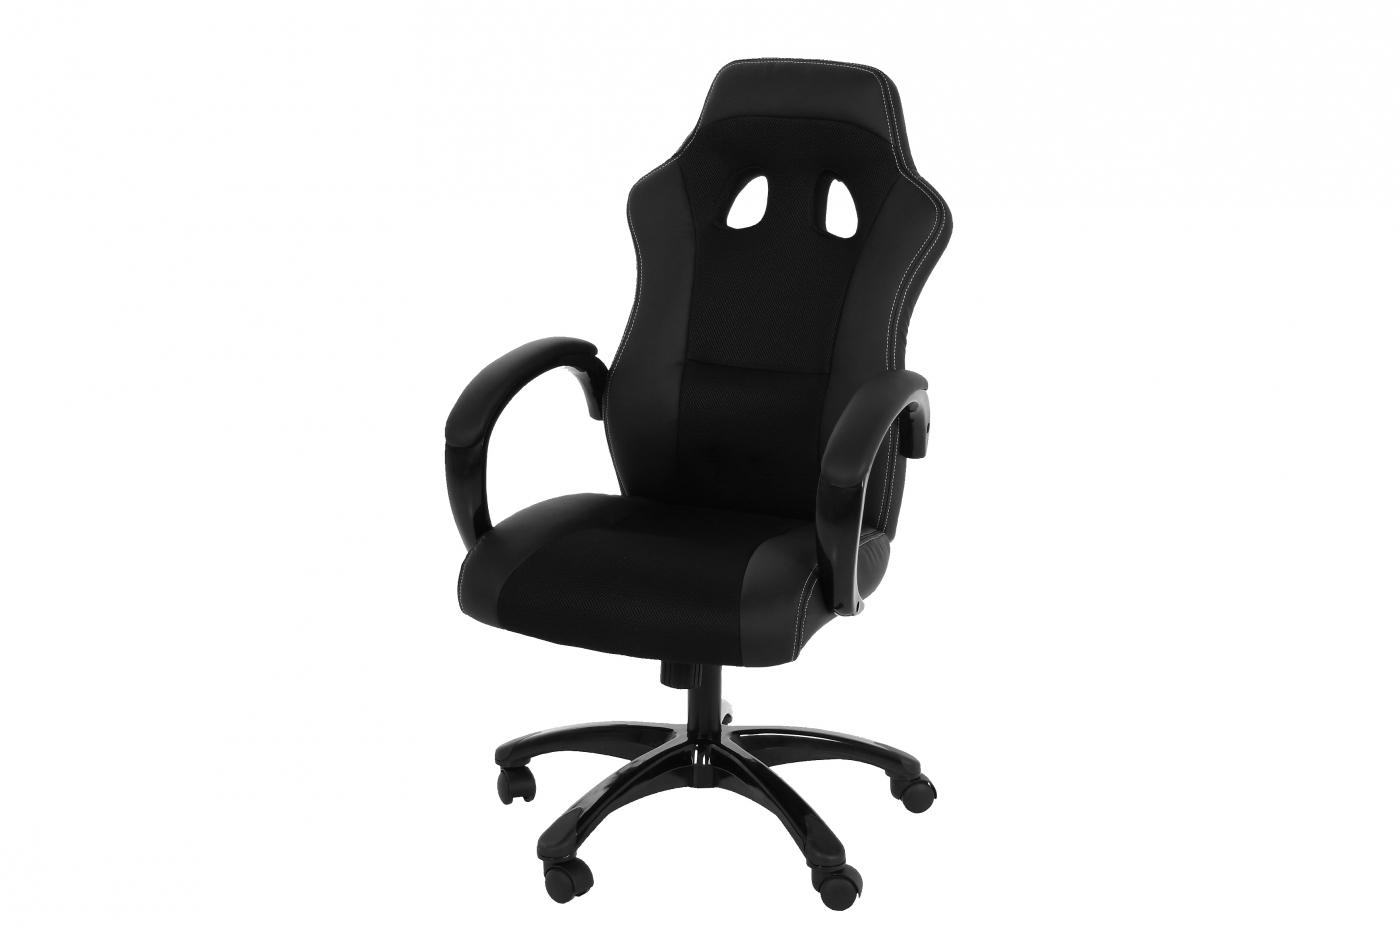 Kancelářská židle Otterly, černá